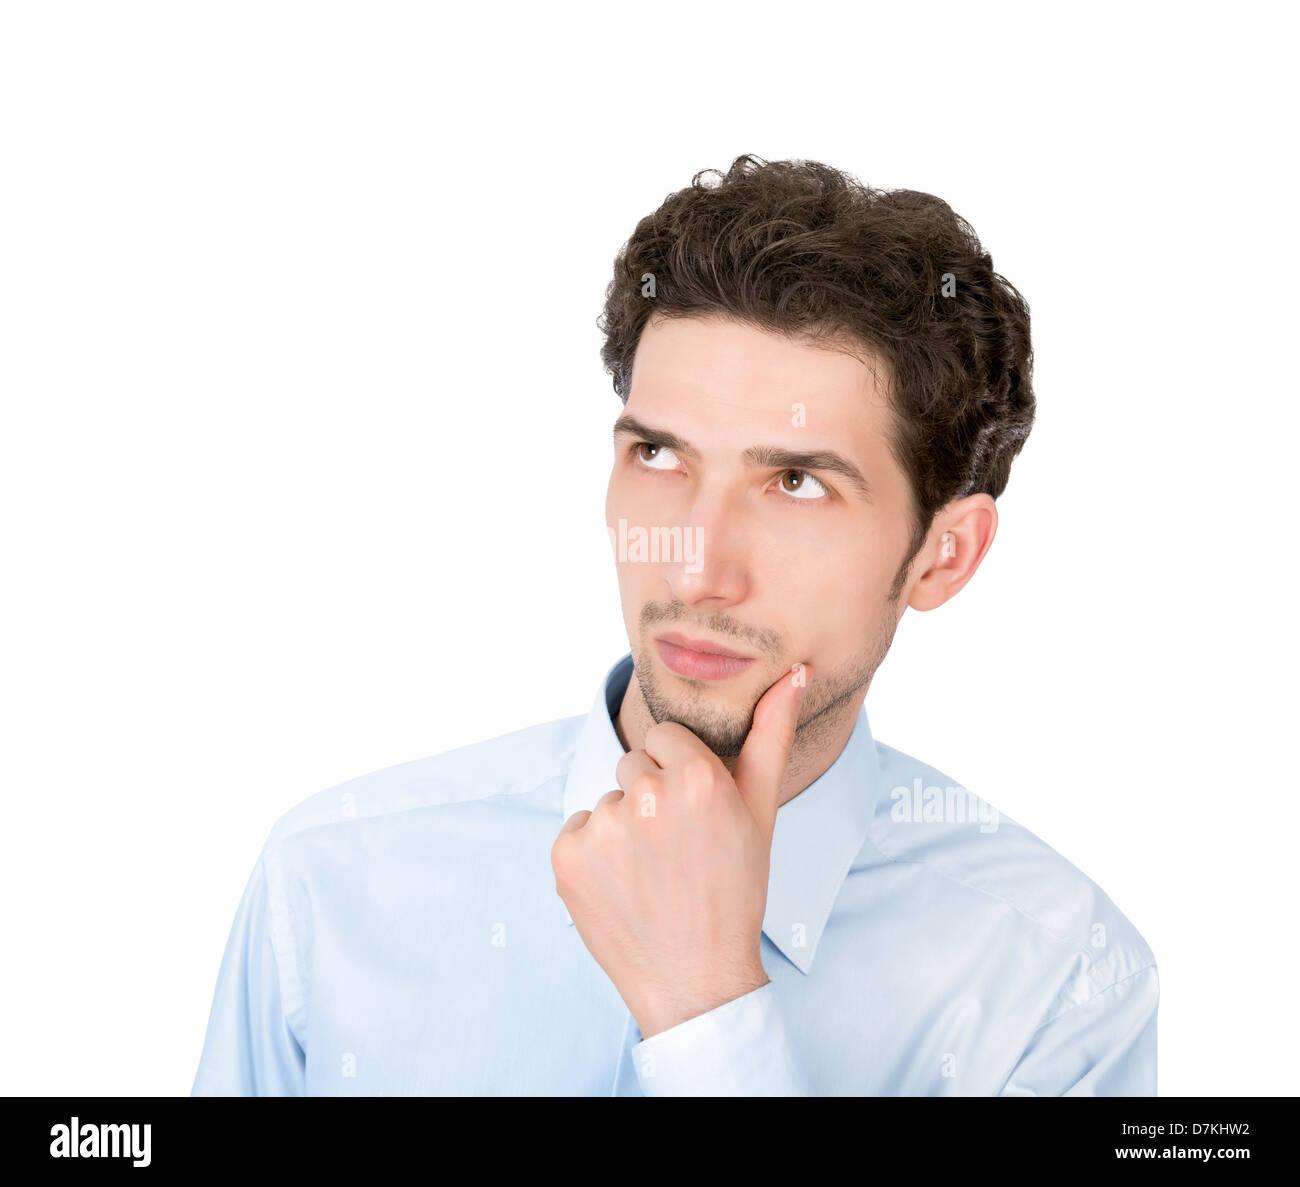 Porträt eines jungen hübschen ernsthaften Geschäftsmann Exemplar blickte. Isoliert auf weißem Hintergrund Stockfoto